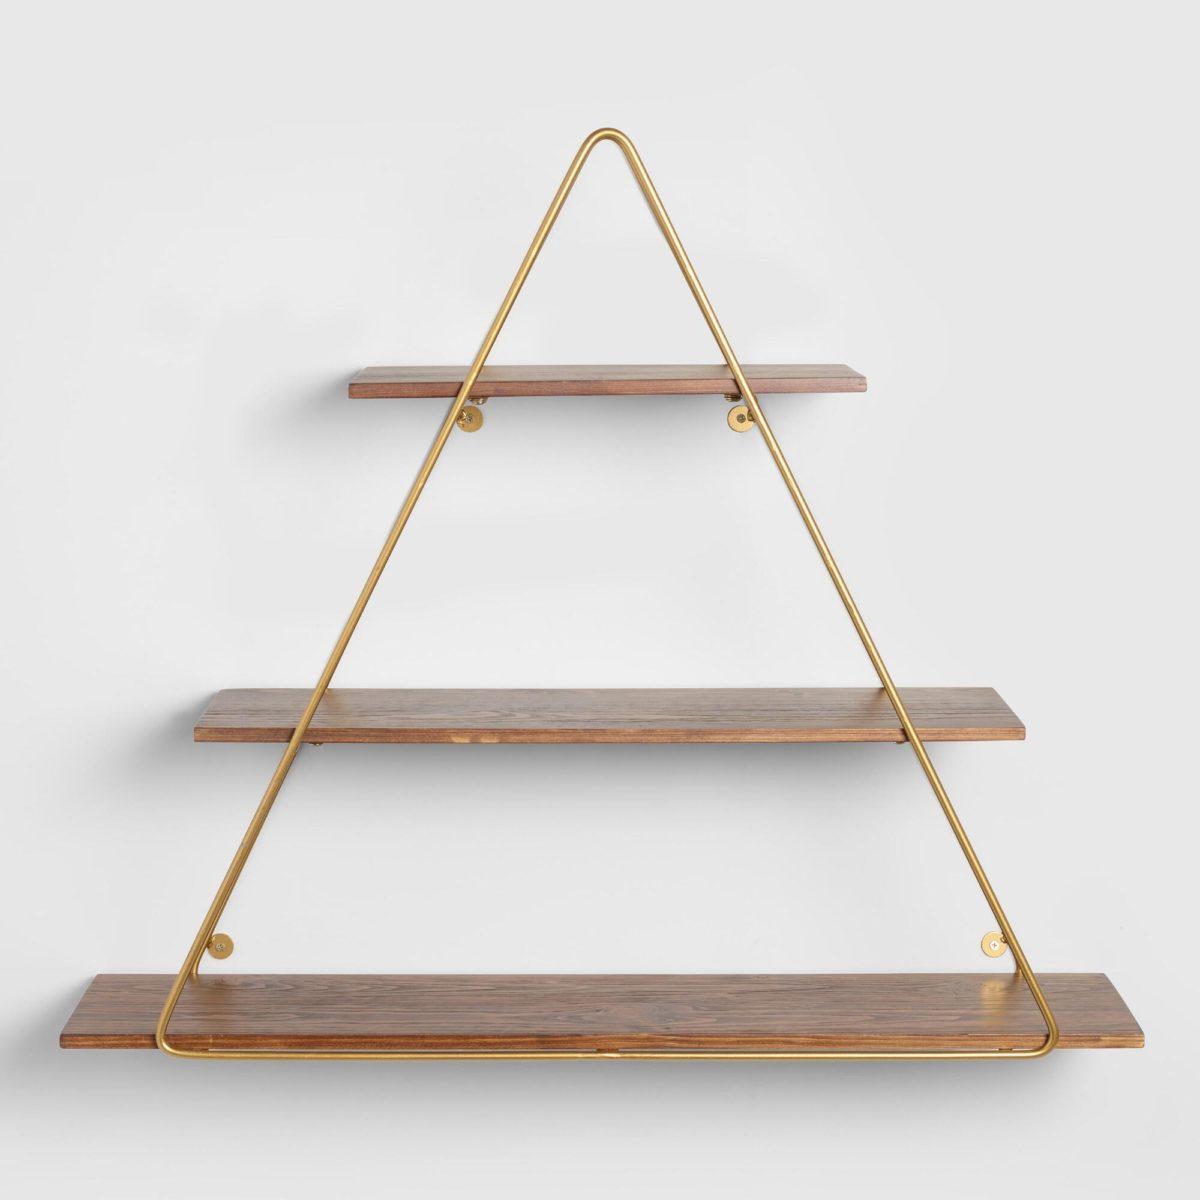 libreria-piramide-artigianale